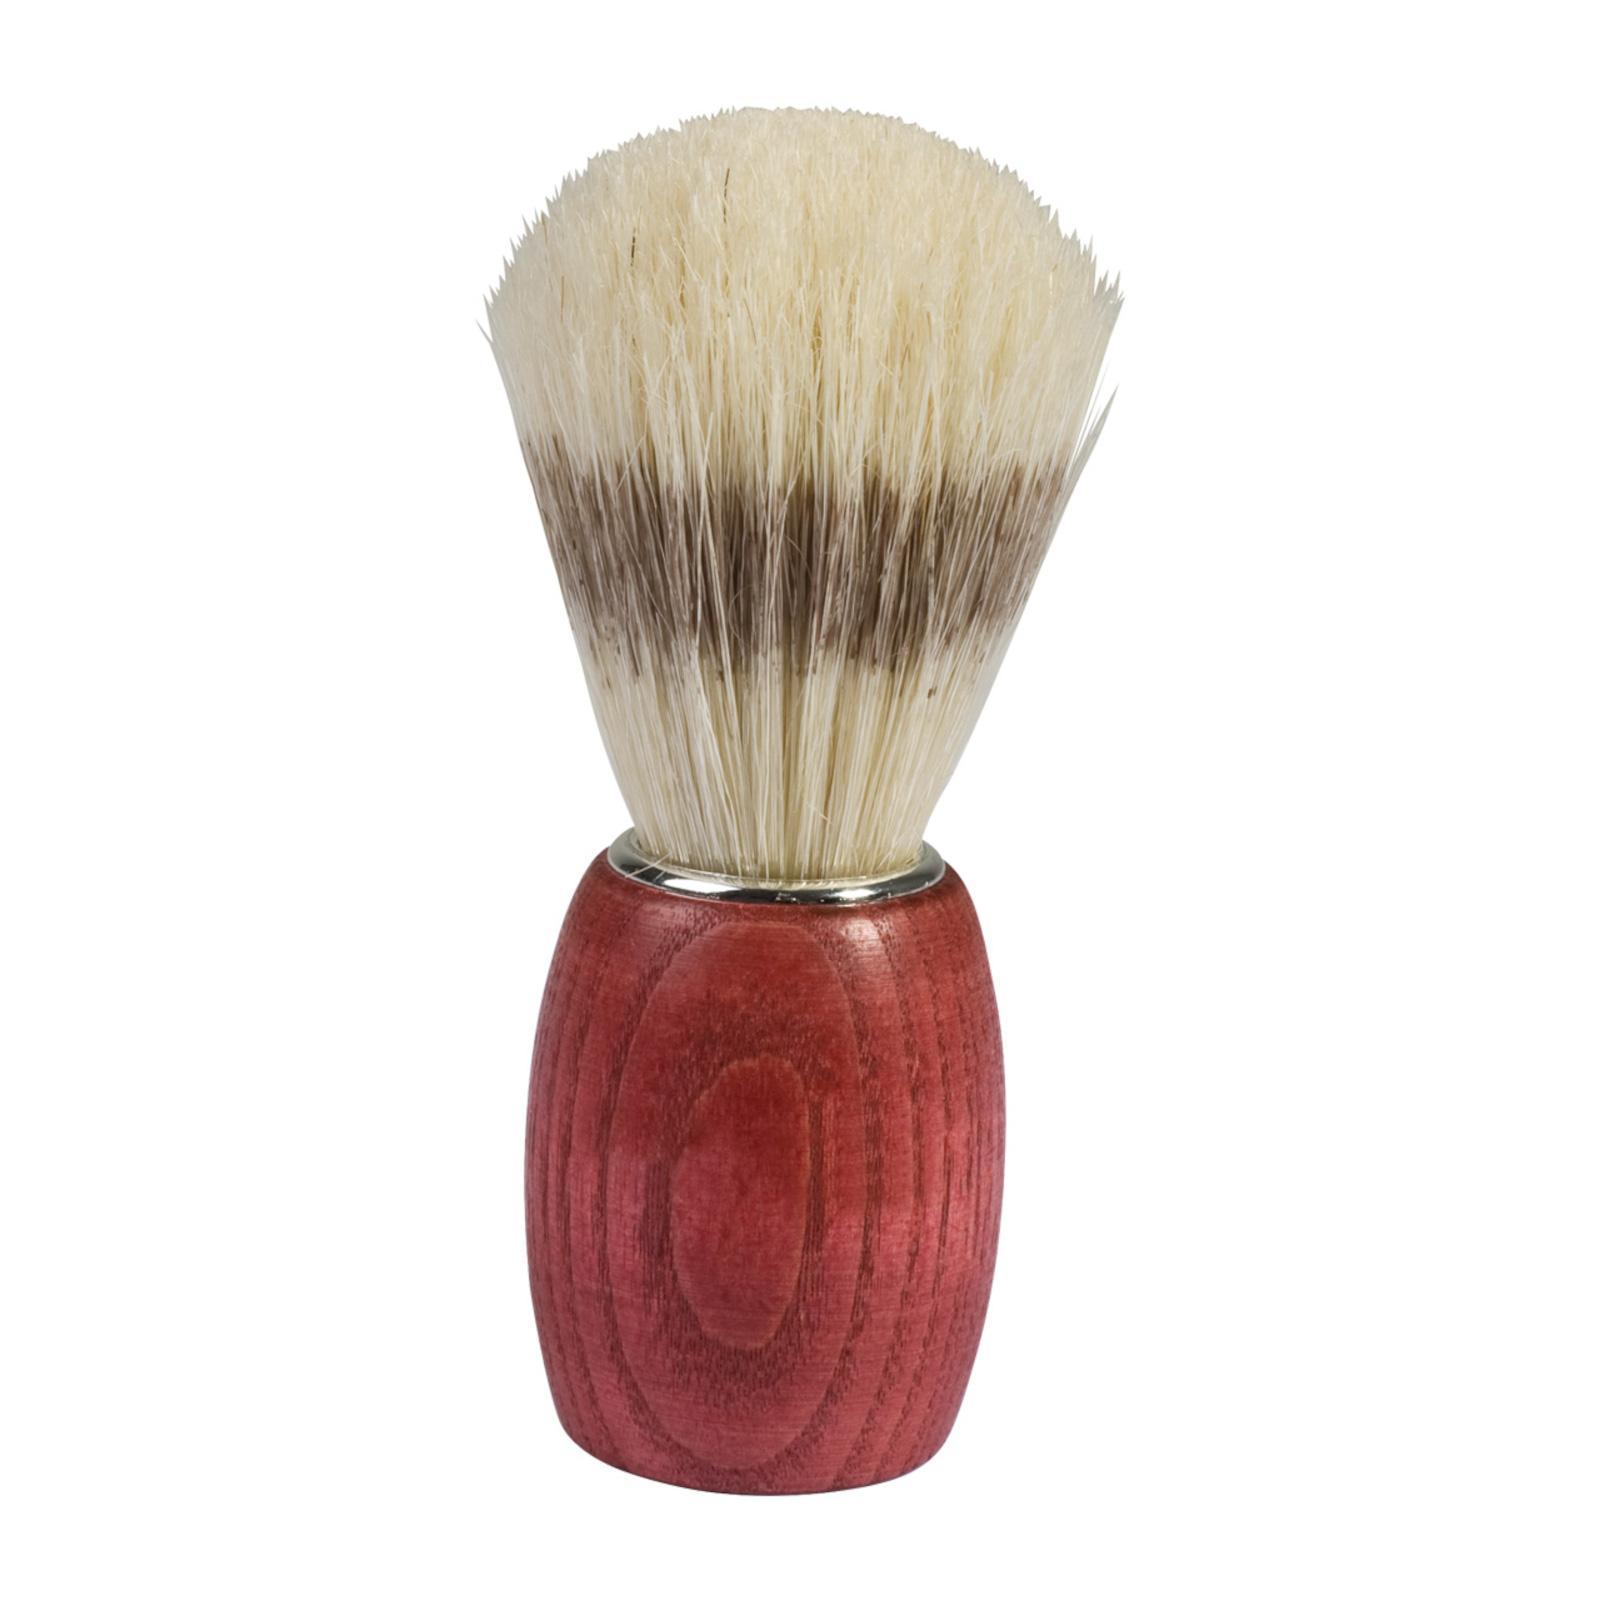 Redecker Přírodní štětka na holení světlá 1 ks, 9,5 cm